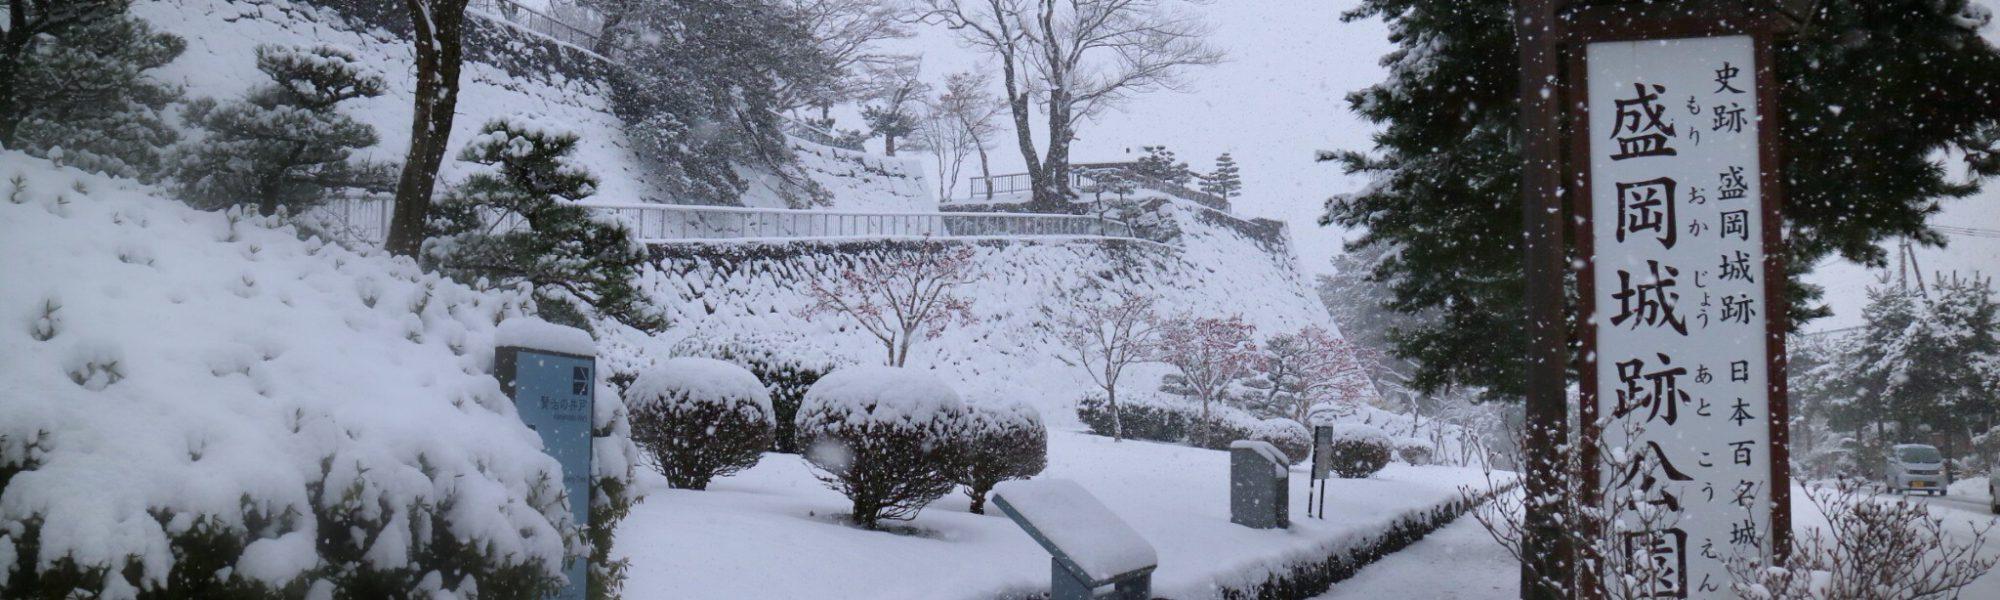 雪景色の盛岡城跡公園